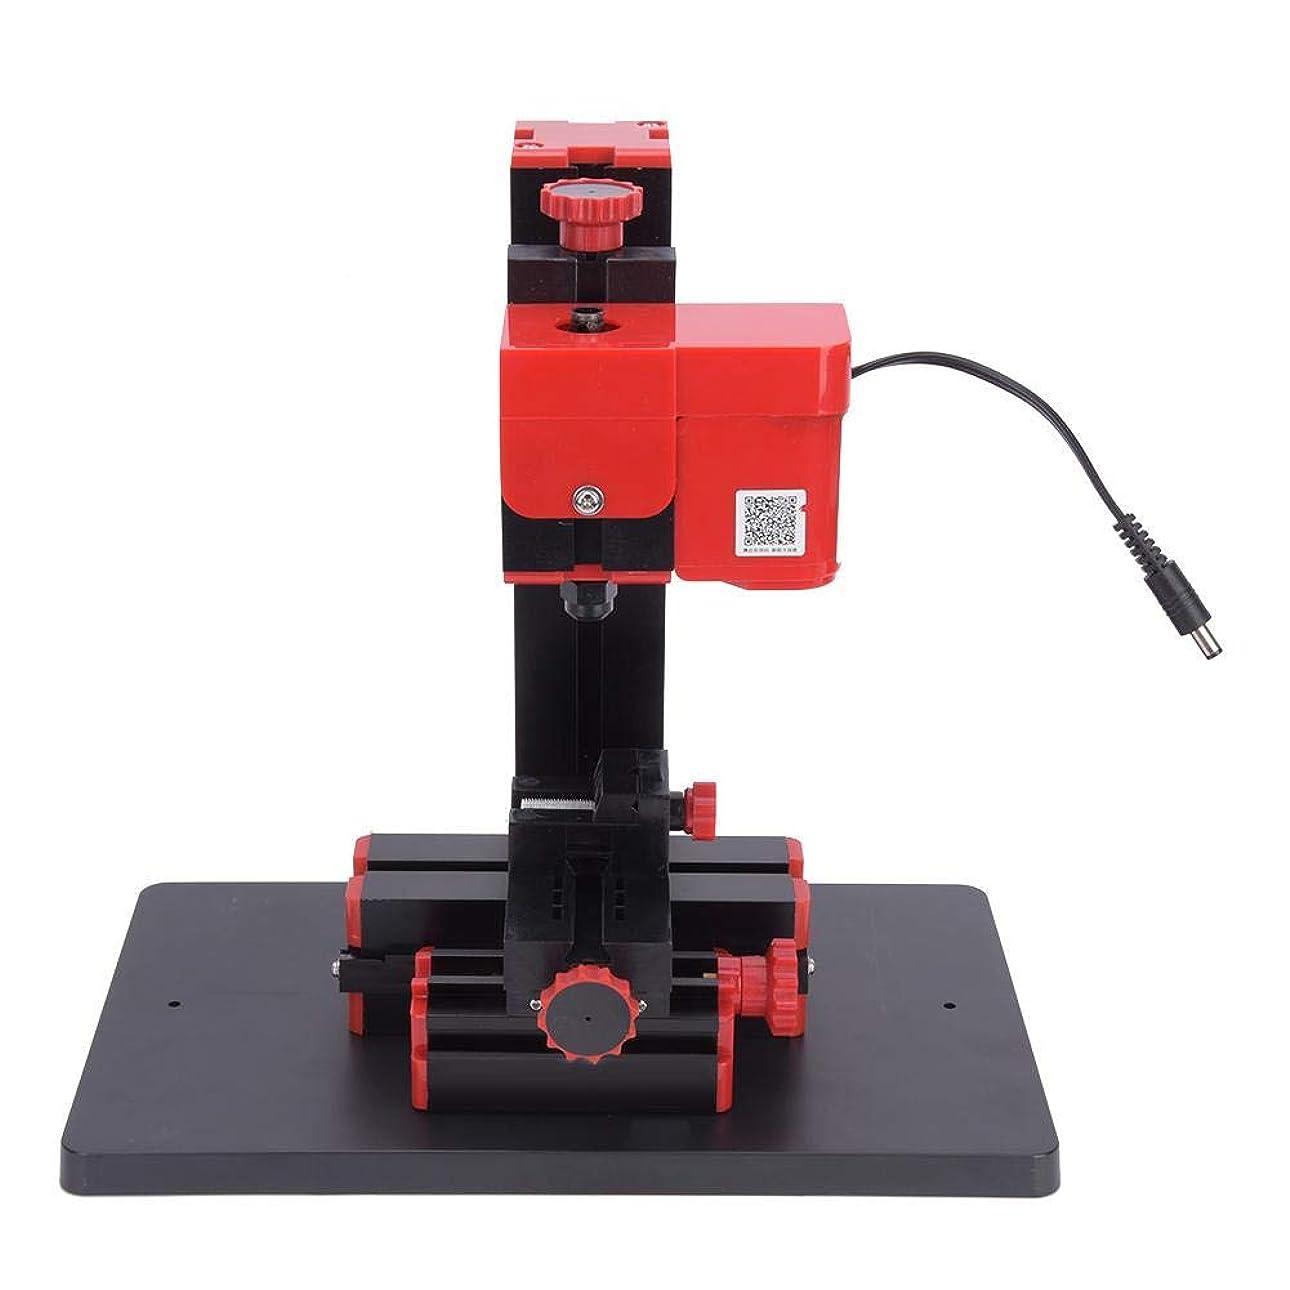 日記敬なダウンタウン6 in 1ミニ電動旋盤 ミニ電動旋盤メタルマイクロミシン過電流、過電圧、過熱保護がある多機能DIY木工ツール110-240V